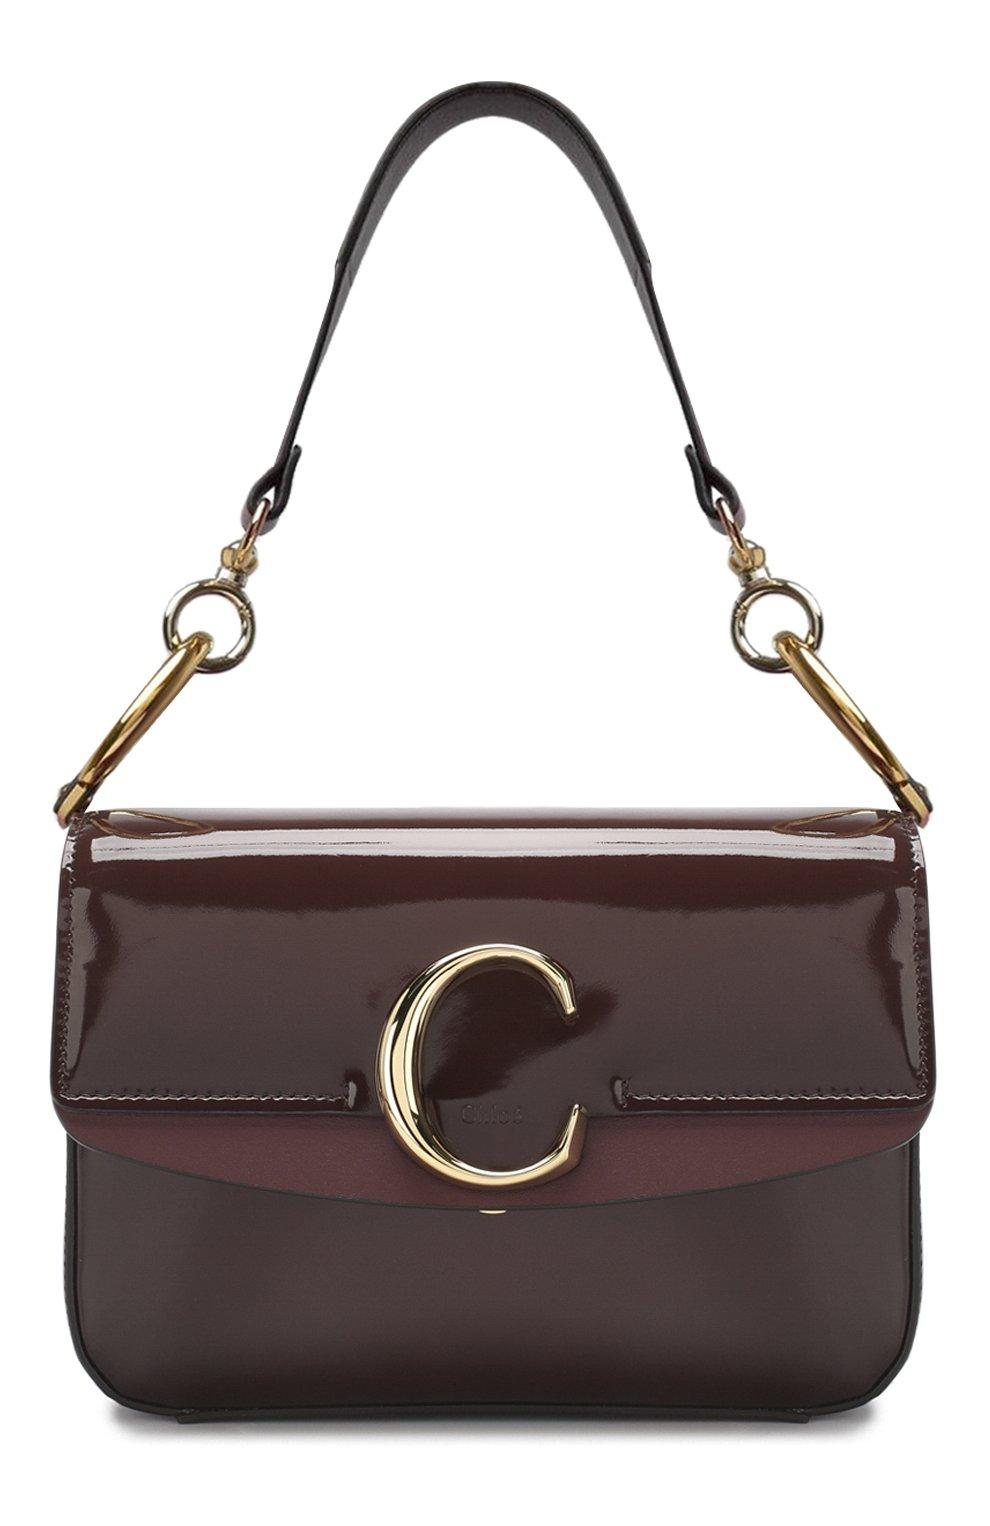 ce44eccf2171 Женская сумка chloé c small CHLOÉ бордовая цвета — купить за 118500 ...